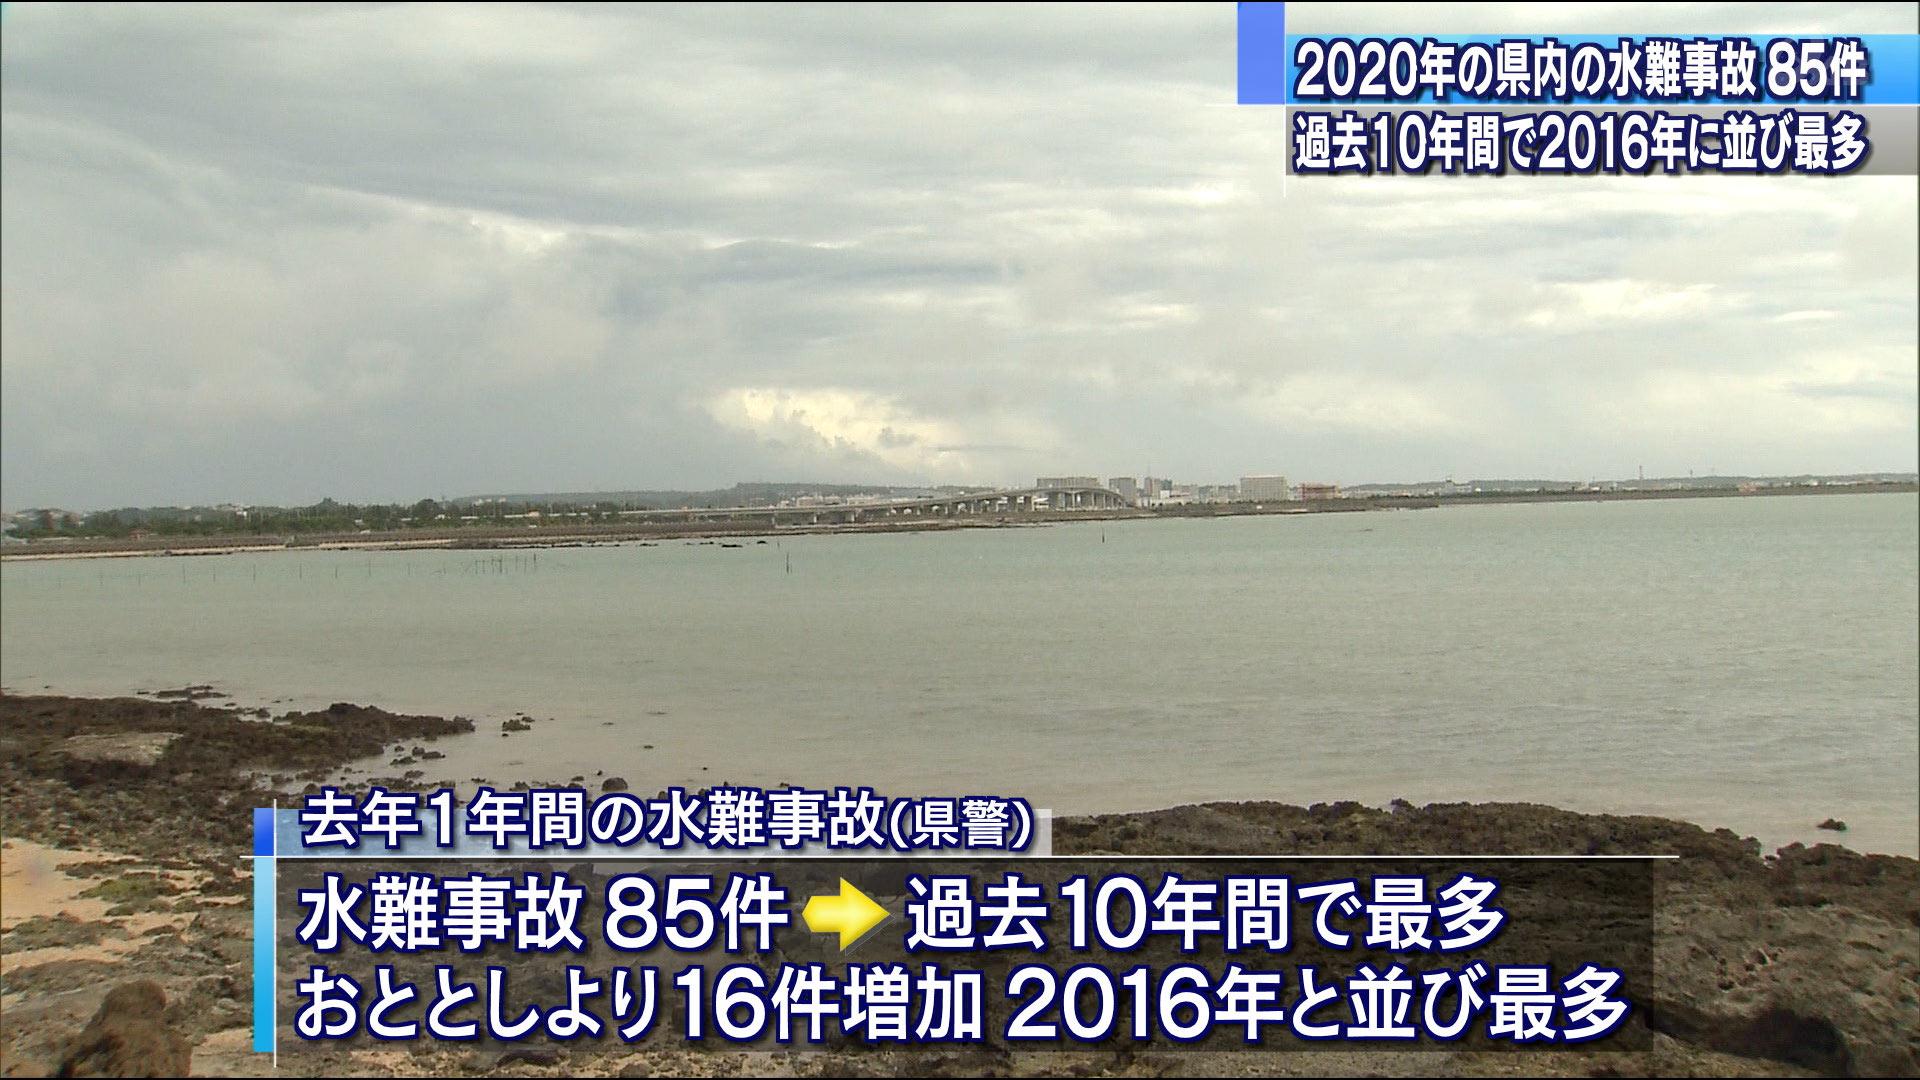 去年の県内における水難事故の発生件数 過去10年で最多